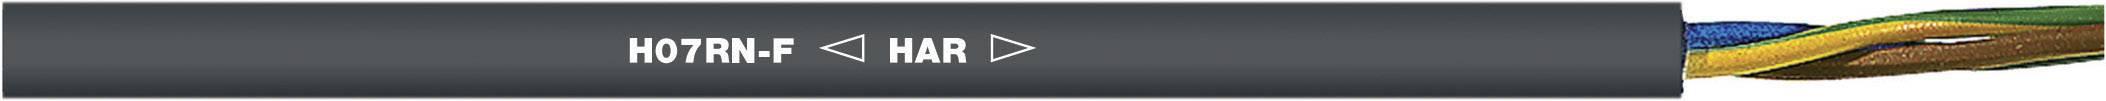 Připojovací kabel H07RN-F 2 x 6 mm² černá LAPP 1600095/500 500 m